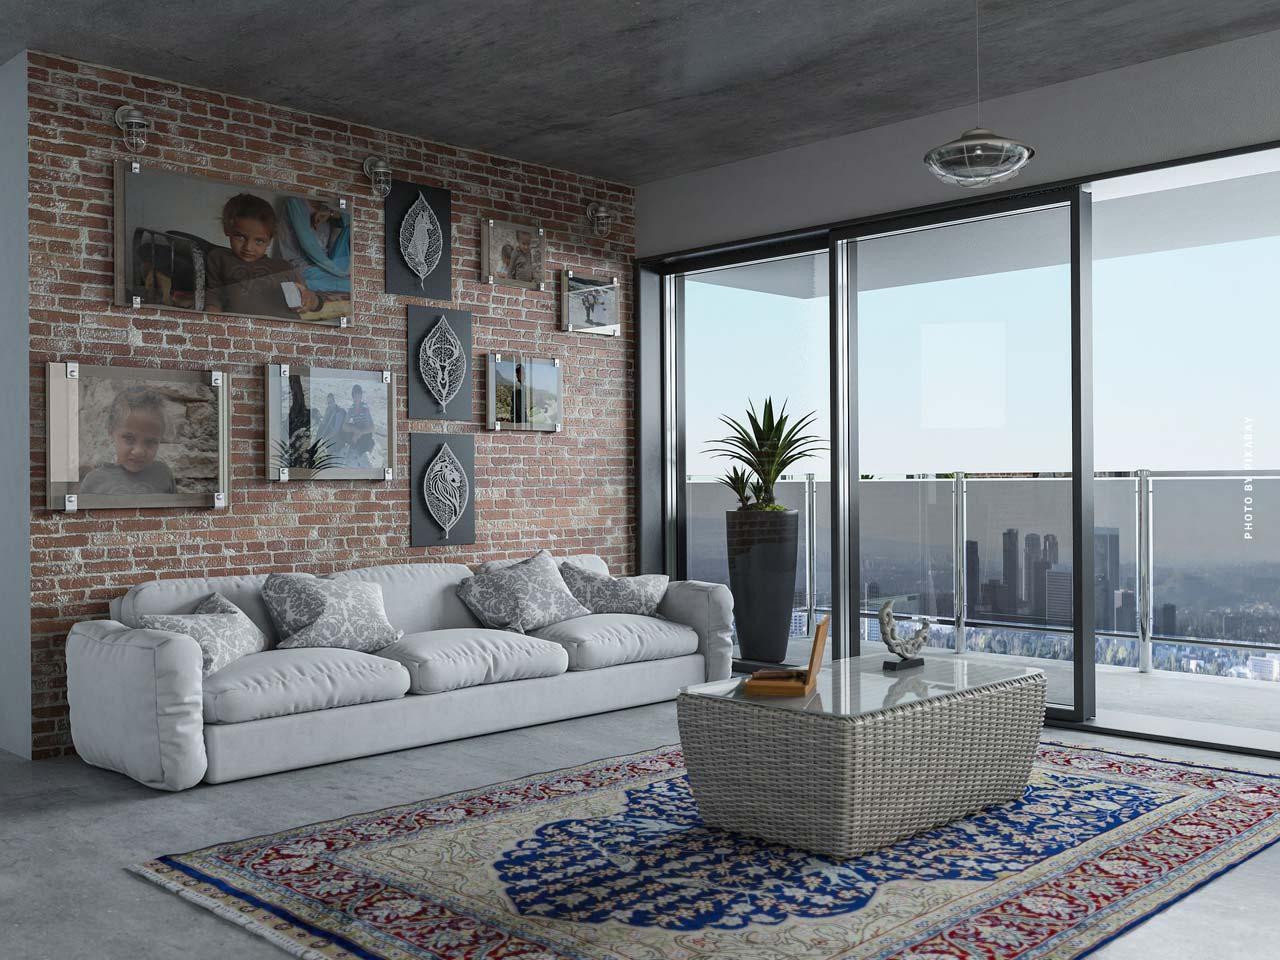 Fendi Casa - Möbel, Lampen und Accessoires der italienischen Luxusmarke